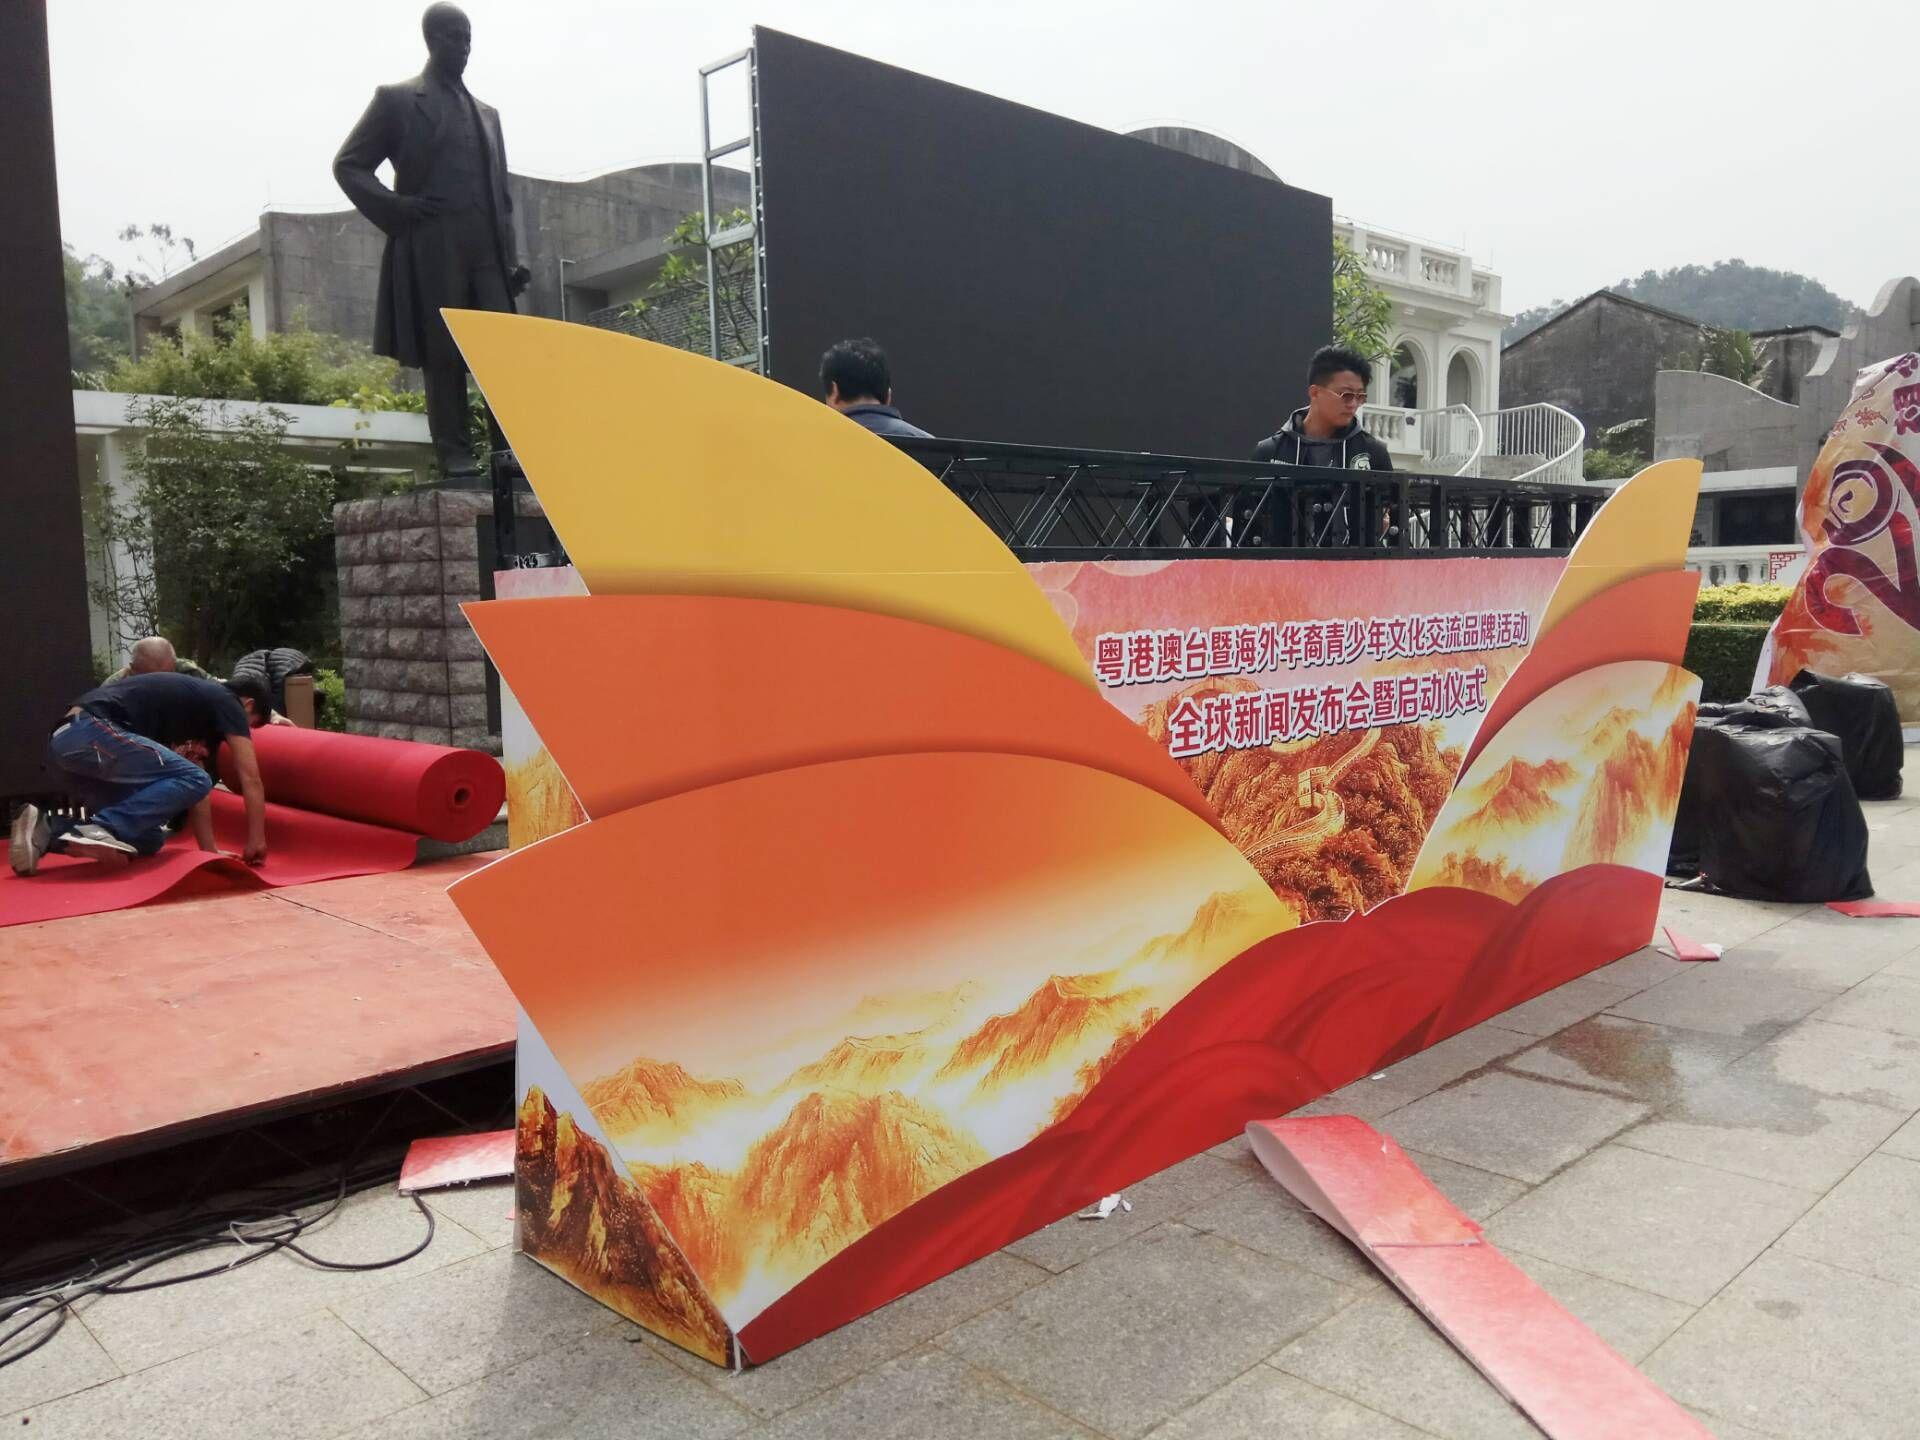 《少年中国说》文化交流品牌活动全球新闻发布会明天举行